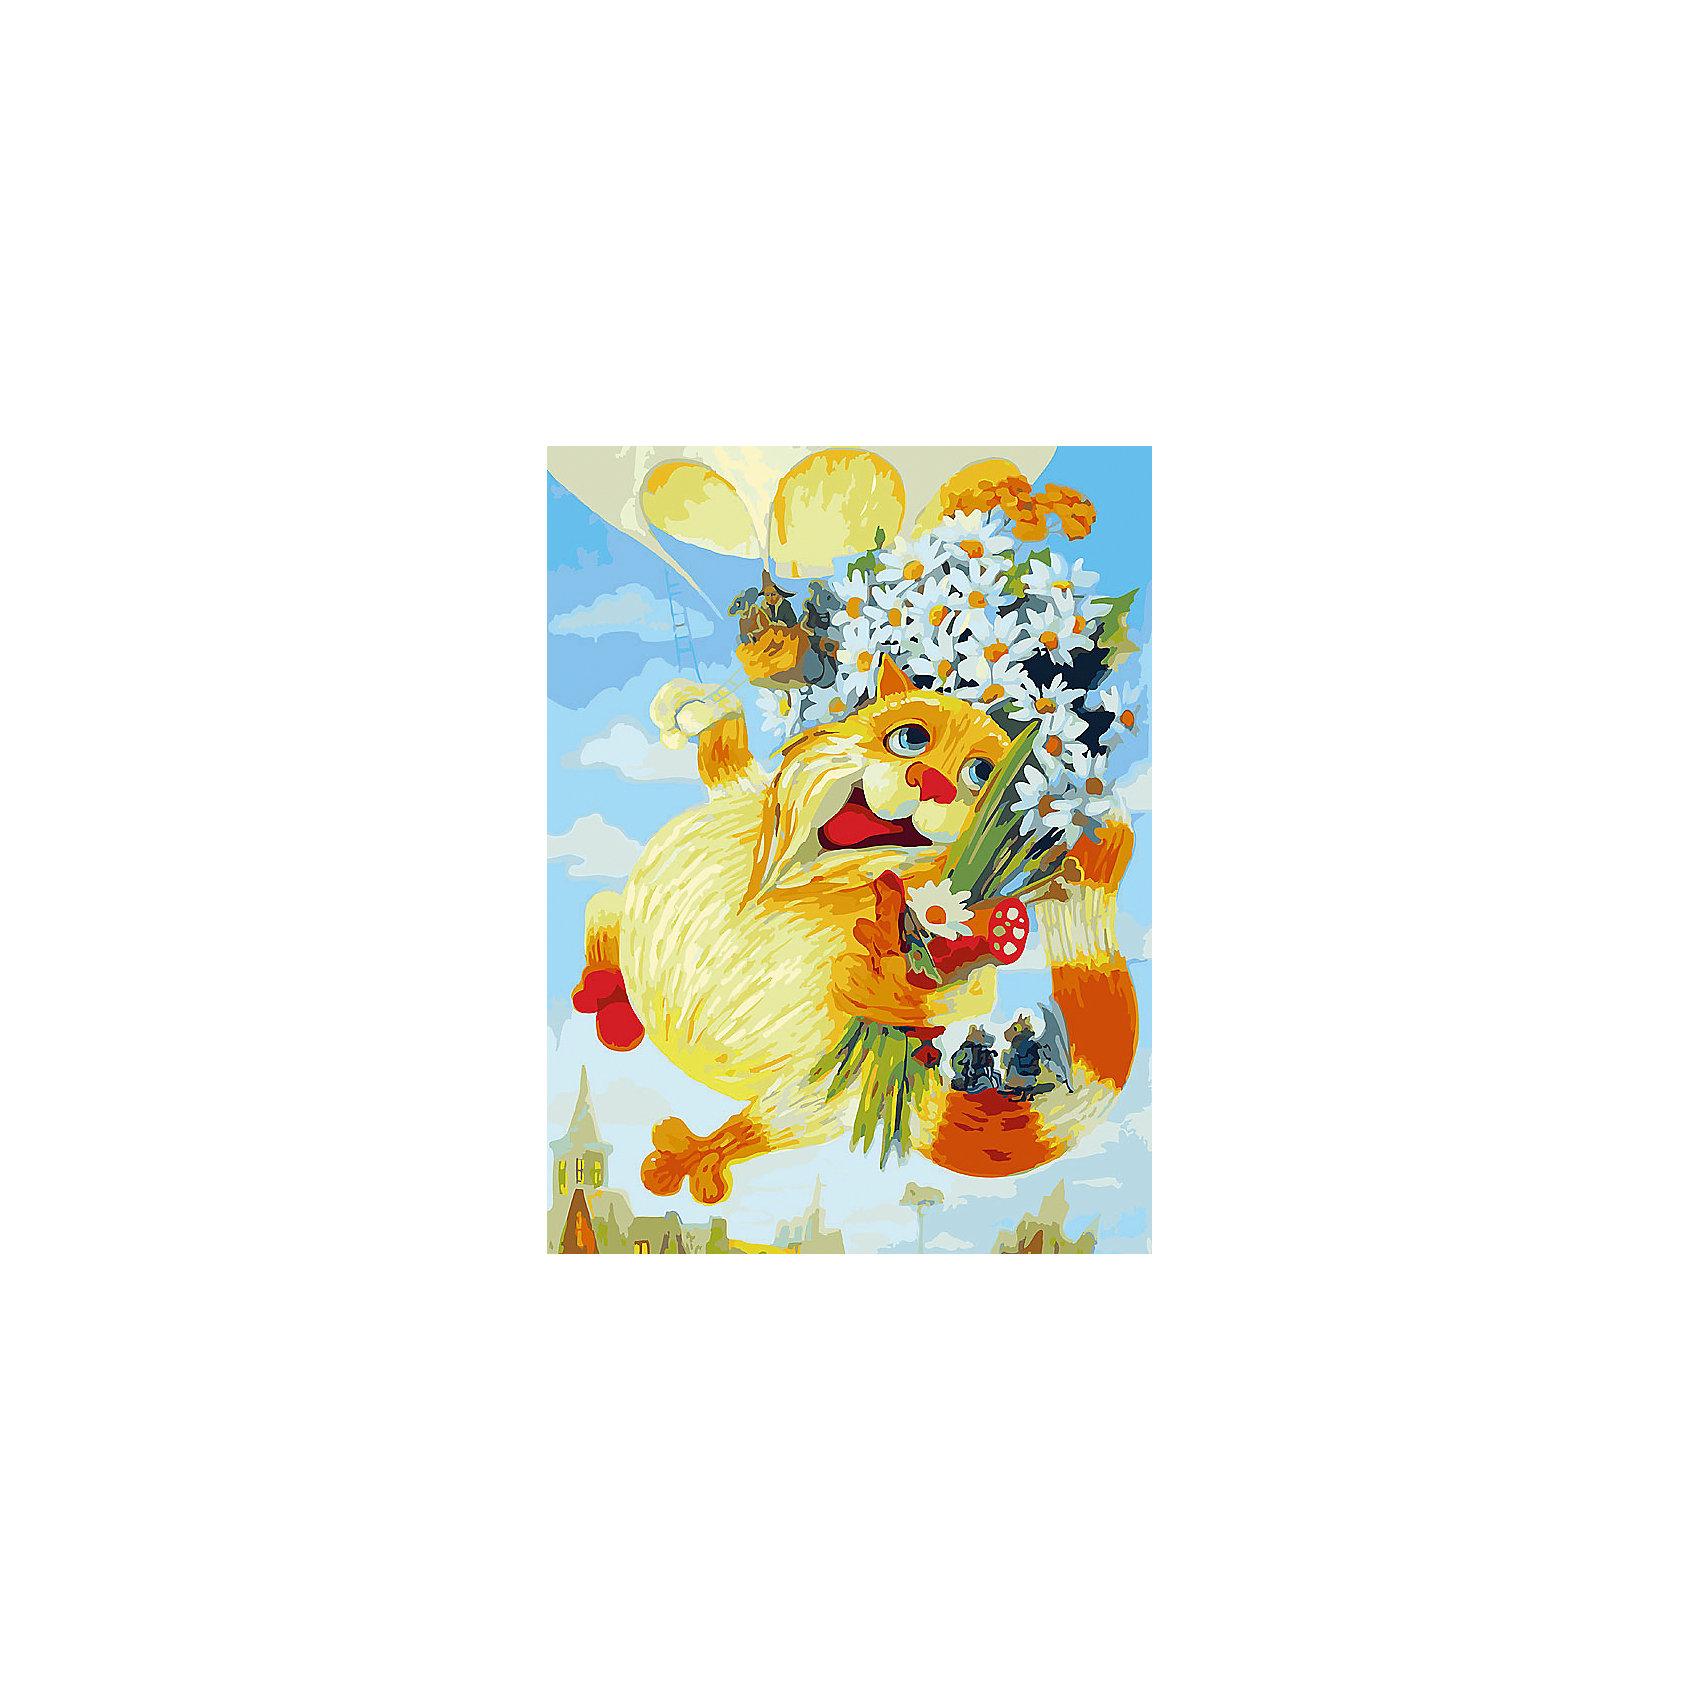 Живопись на холсте День рождения 30*40 смРисование<br>Характеристики товара:<br><br>• цвет: разноцветный<br>• материал: акрил, картон<br>• размер: 30 x 40 см<br>• комплектация: полотно на подрамнике с контурами рисунка, пробный лист с рисунком, набор акриловых красок, три кисти, крепление на стену для картины<br>• для детей от шести лет и взрослых<br>• не требует специальных навыков<br>• страна бренда: Китай<br>• страна изготовитель: Китай<br><br>Рисование - это занятие, которое любят многие дети и взрослые. Оно помогает развить важные навыки и просто приносит удовольствие! Чтобы вселить в ребенка уверенность в своих силах, можно предложить ему этот набор - в нем уже есть сюжет, контуры рисунка и участки с номерами, которые обозначают определенную краску из набора. Все оттенки уже готовы, задача художника - аккуратно, с помощью кисточек из набора, нанести краски на определенный участок полотна.<br>Взрослым также понравится этот процесс, рисовать можно и вместе с малышом! В итоге получается красивая картина, которой можно украсить интерьер. Рисование способствует развитию мелкой моторики, воображения, цветовосприятия, творческих способностей и усидчивости. Набор отлично проработан, сделан из качественных и проверенных материалов, которые безопасны для детей. Краски - акриловые, они быстро сохнут и легко смываются с кожи.<br><br>Живопись на холсте 30*40 см День рождения от торговой марки Белоснежка можно купить в нашем интернет-магазине.<br><br>Ширина мм: 410<br>Глубина мм: 310<br>Высота мм: 25<br>Вес г: 567<br>Возраст от месяцев: 72<br>Возраст до месяцев: 144<br>Пол: Унисекс<br>Возраст: Детский<br>SKU: 5089661